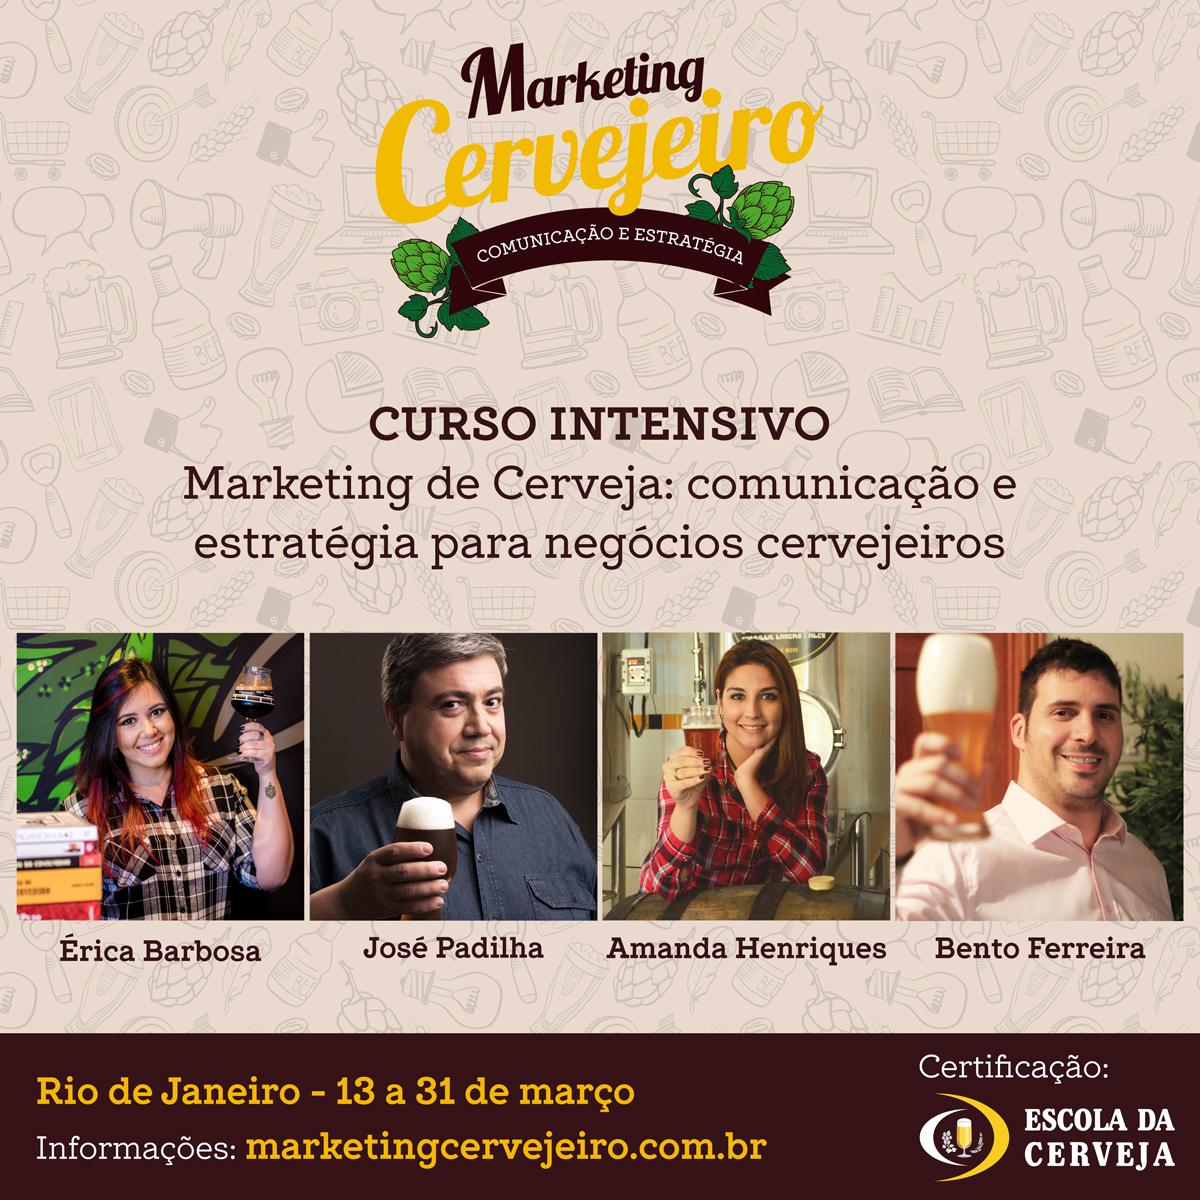 Aulas são conduzidas por Érica Barbosa, José Padilha (ao alto), Amanda Henriques e Vinícius (Bento) Ferreira (Fotos: Divulgação)